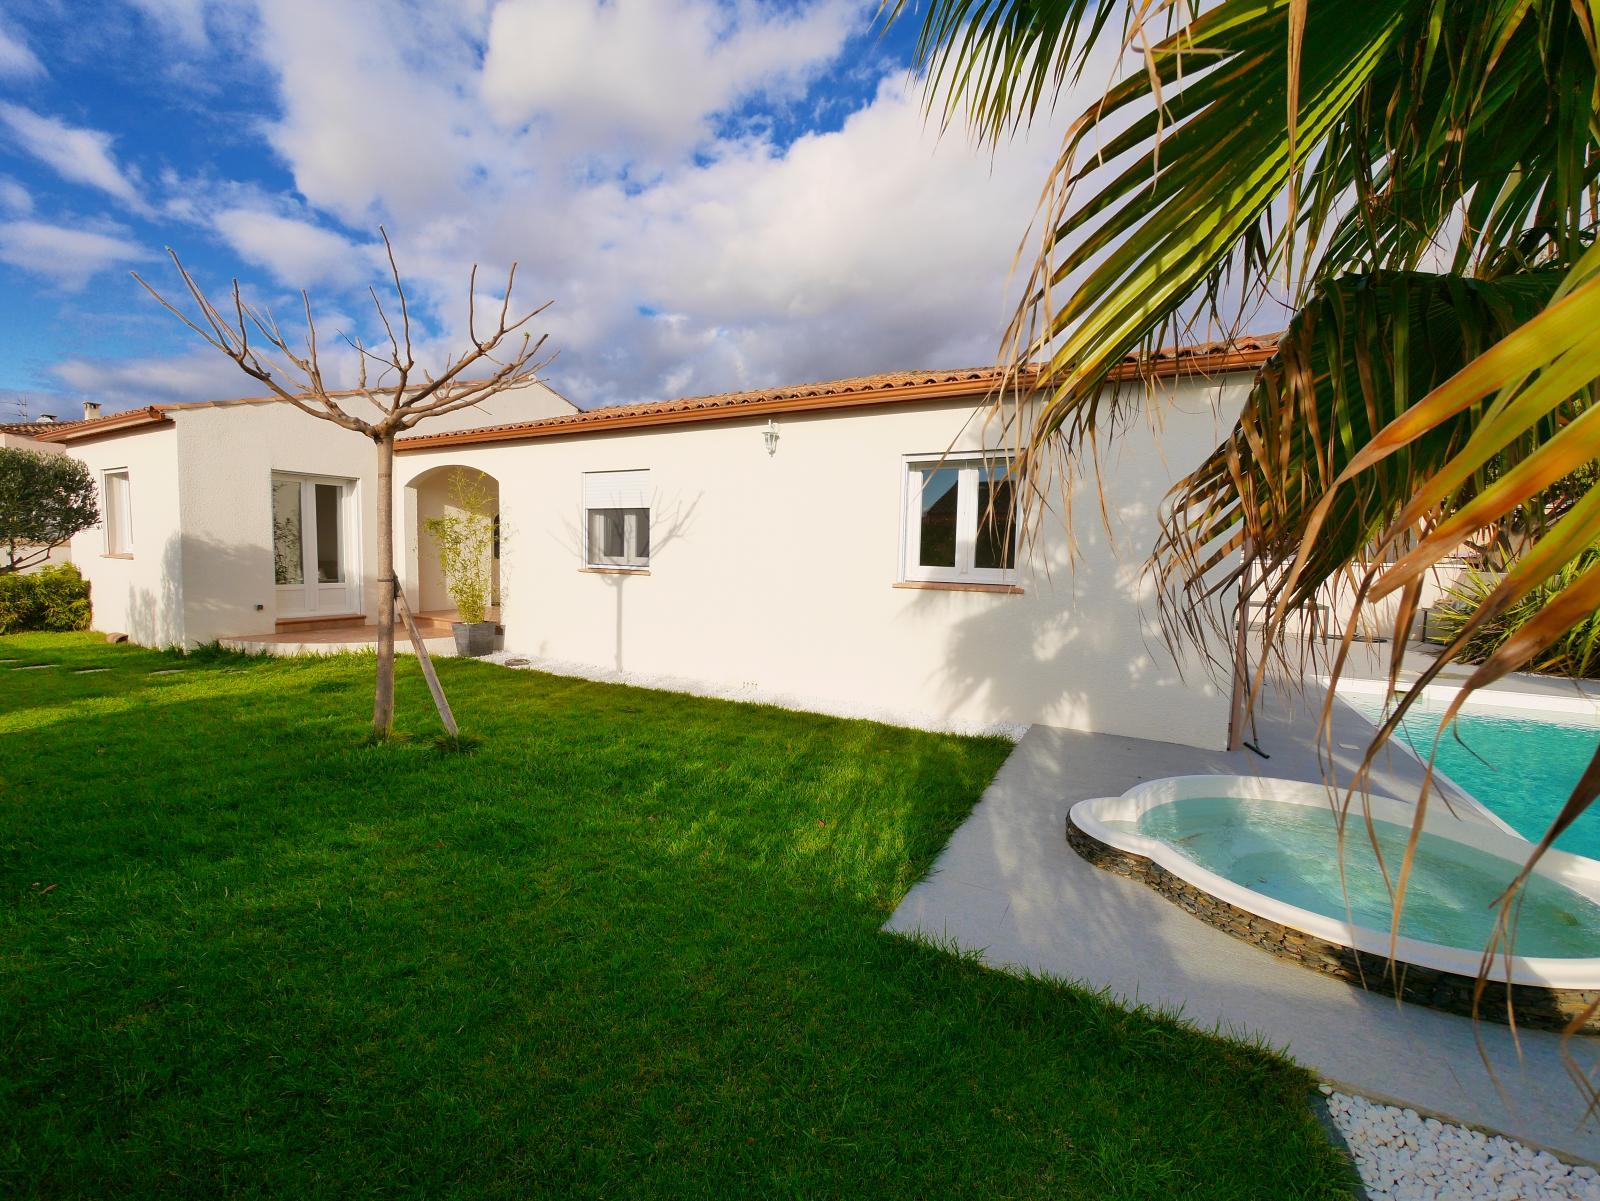 annonce vente maison lunel 34400 125 m 380 000 992739635837. Black Bedroom Furniture Sets. Home Design Ideas